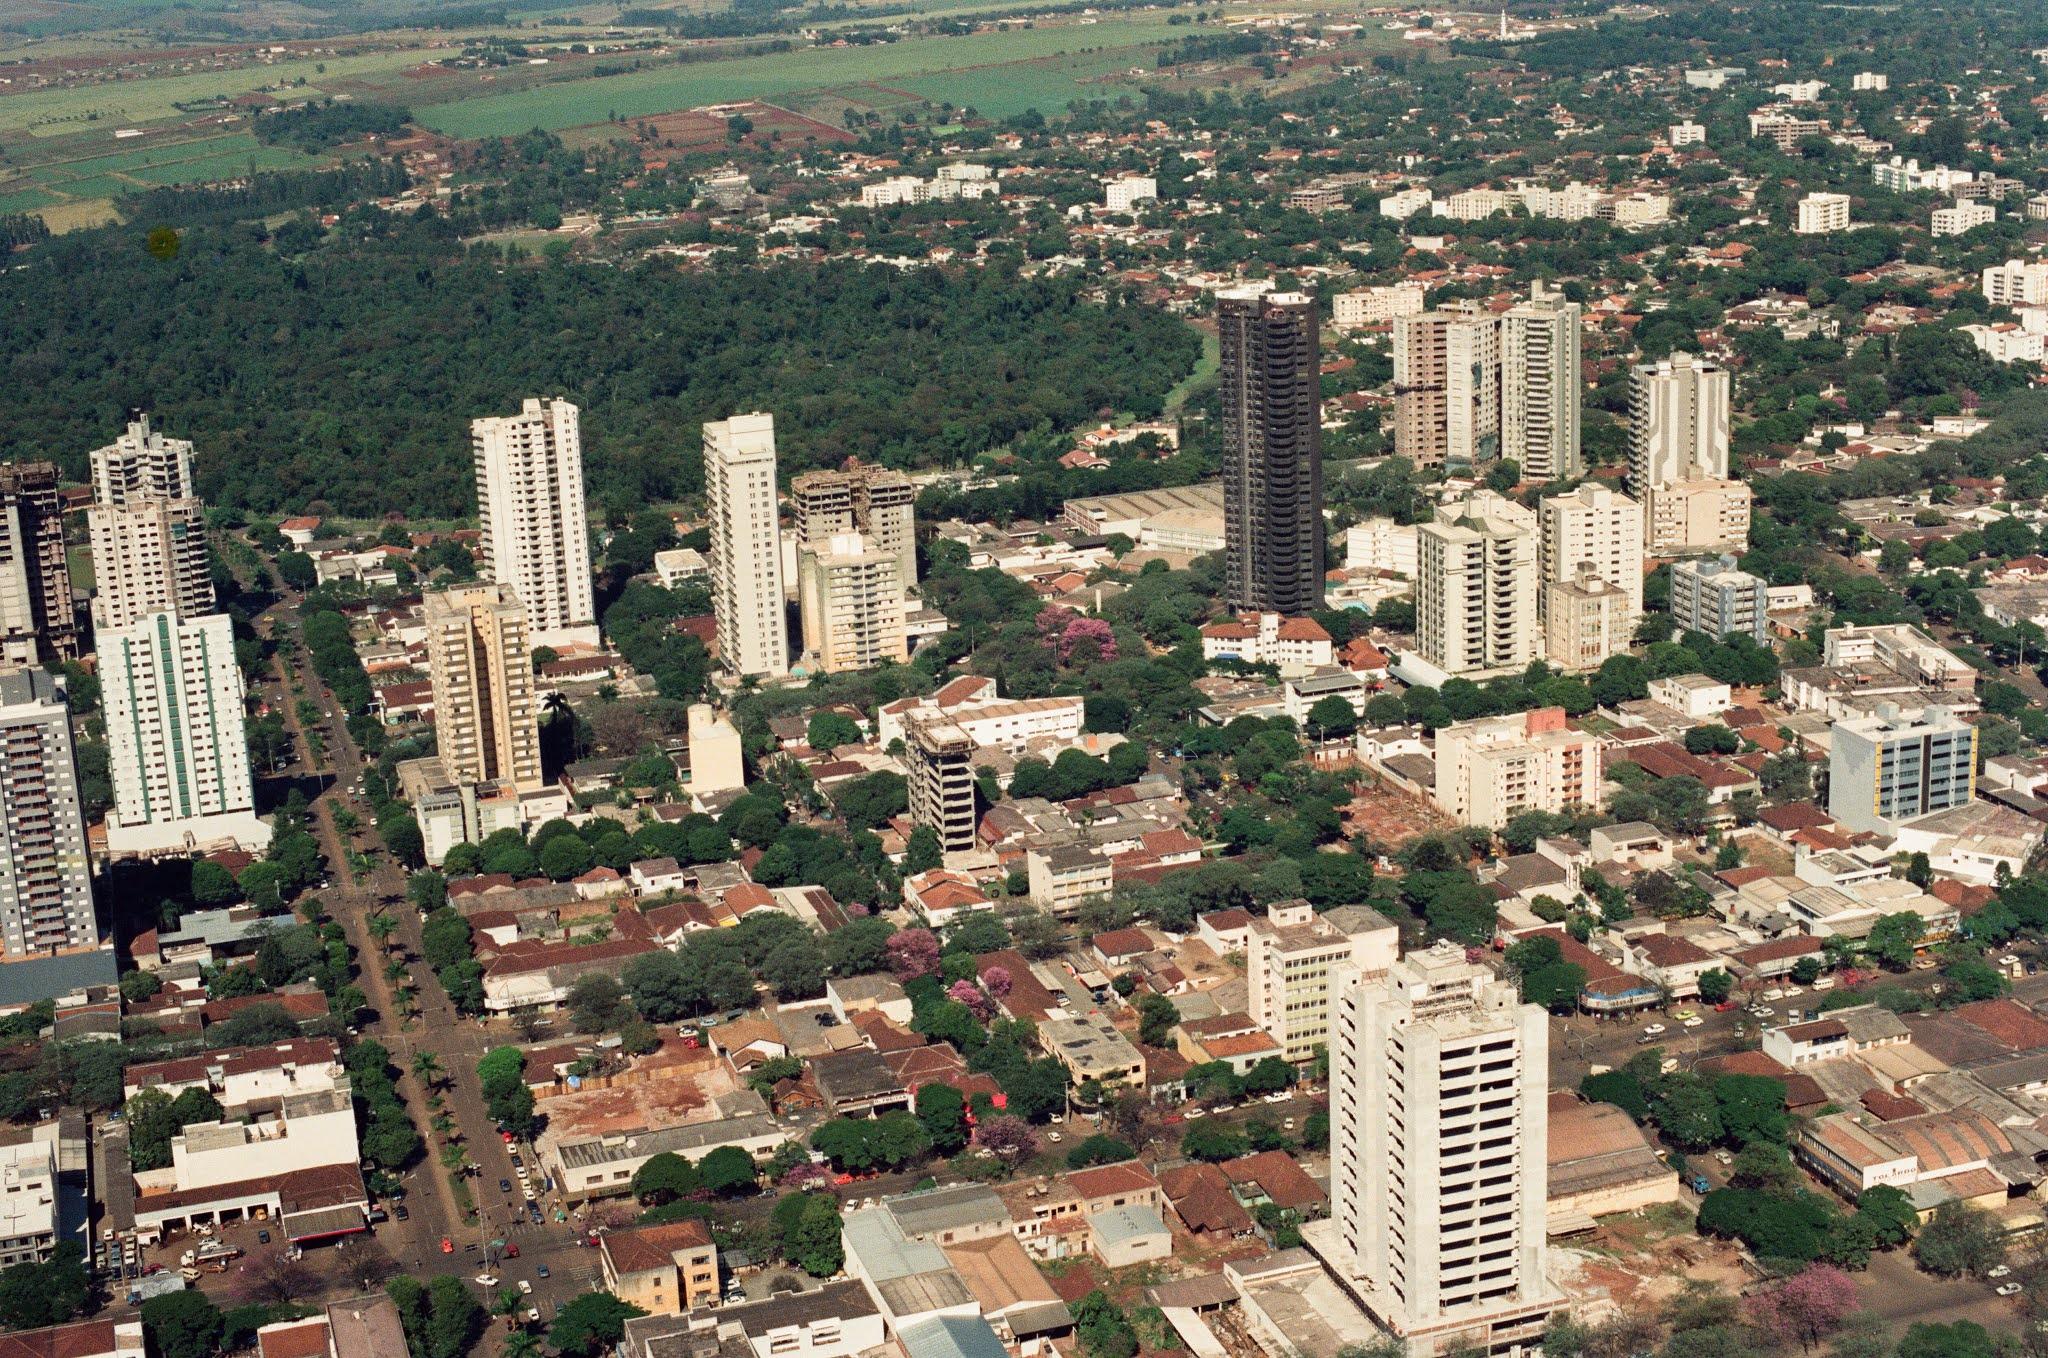 Vista aérea do Bosque II - 1989